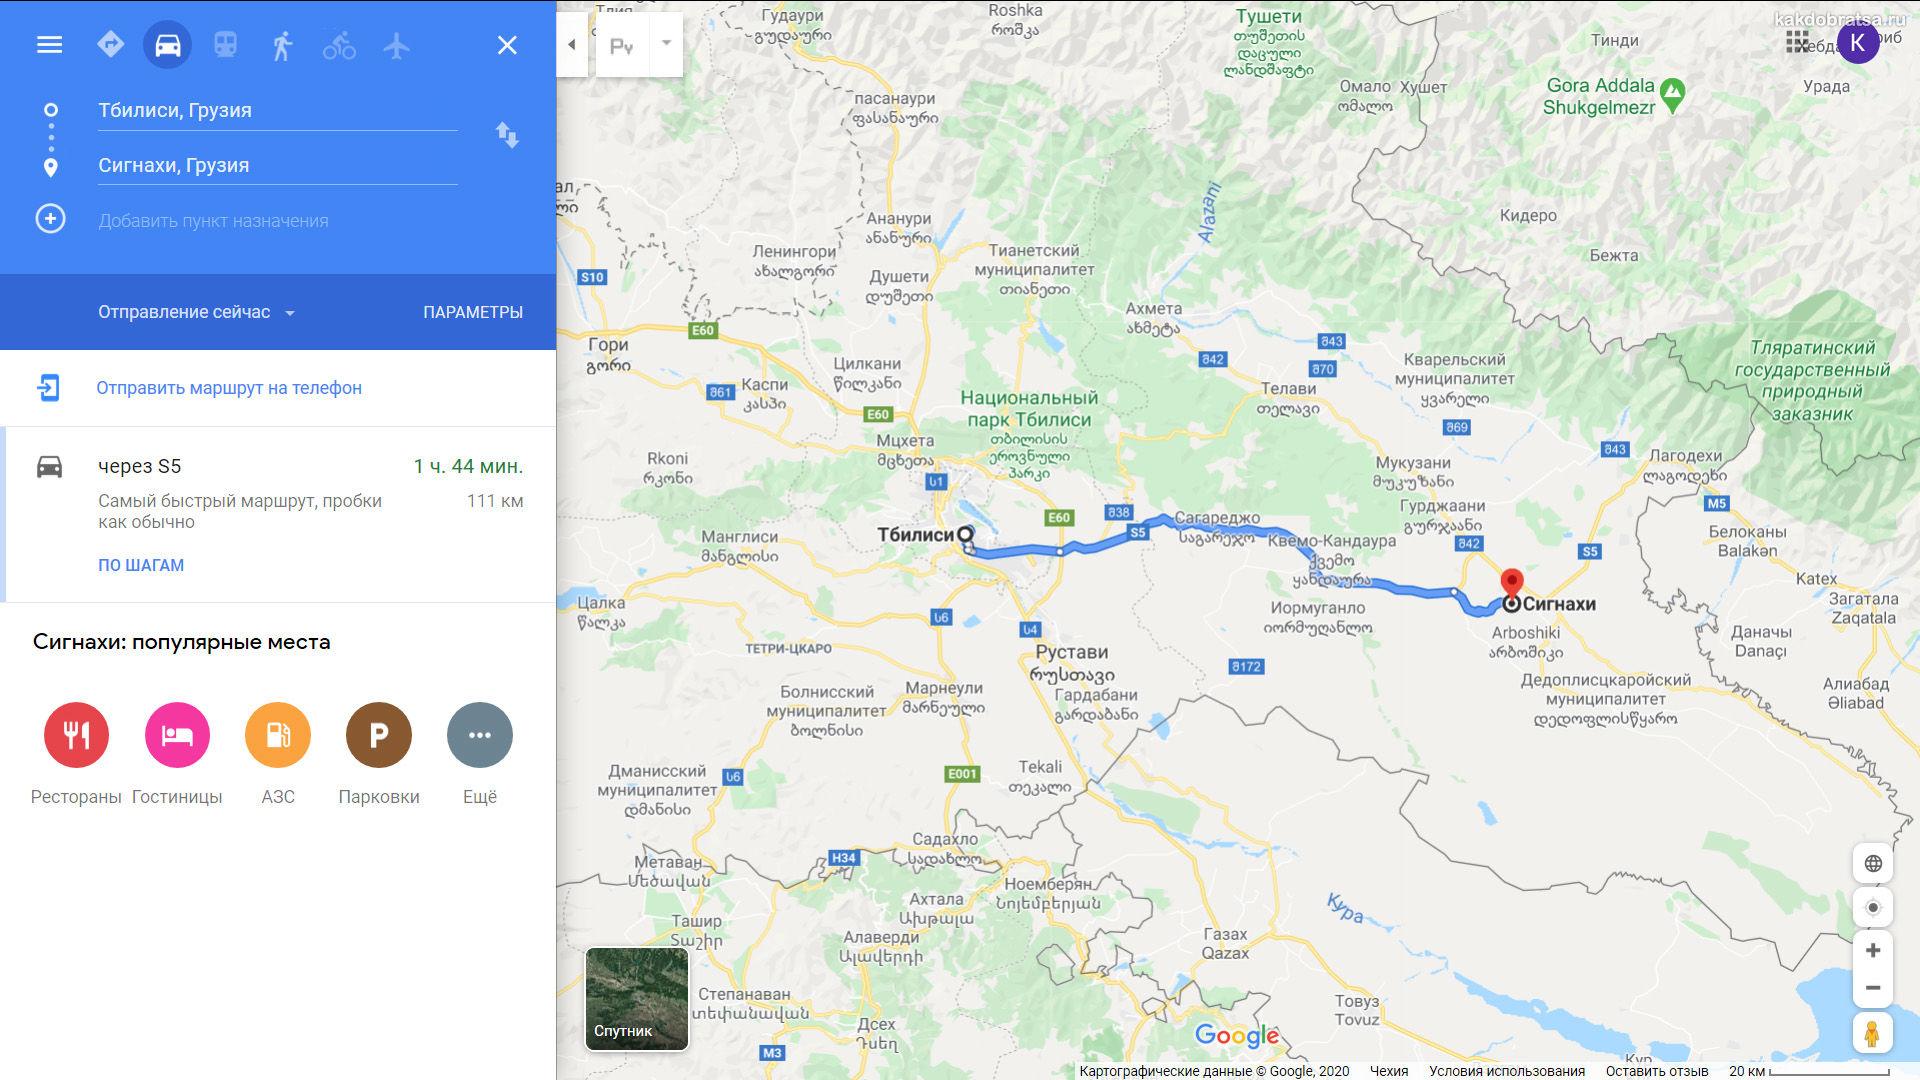 Как добраться из Тбилиси в Сигнахи